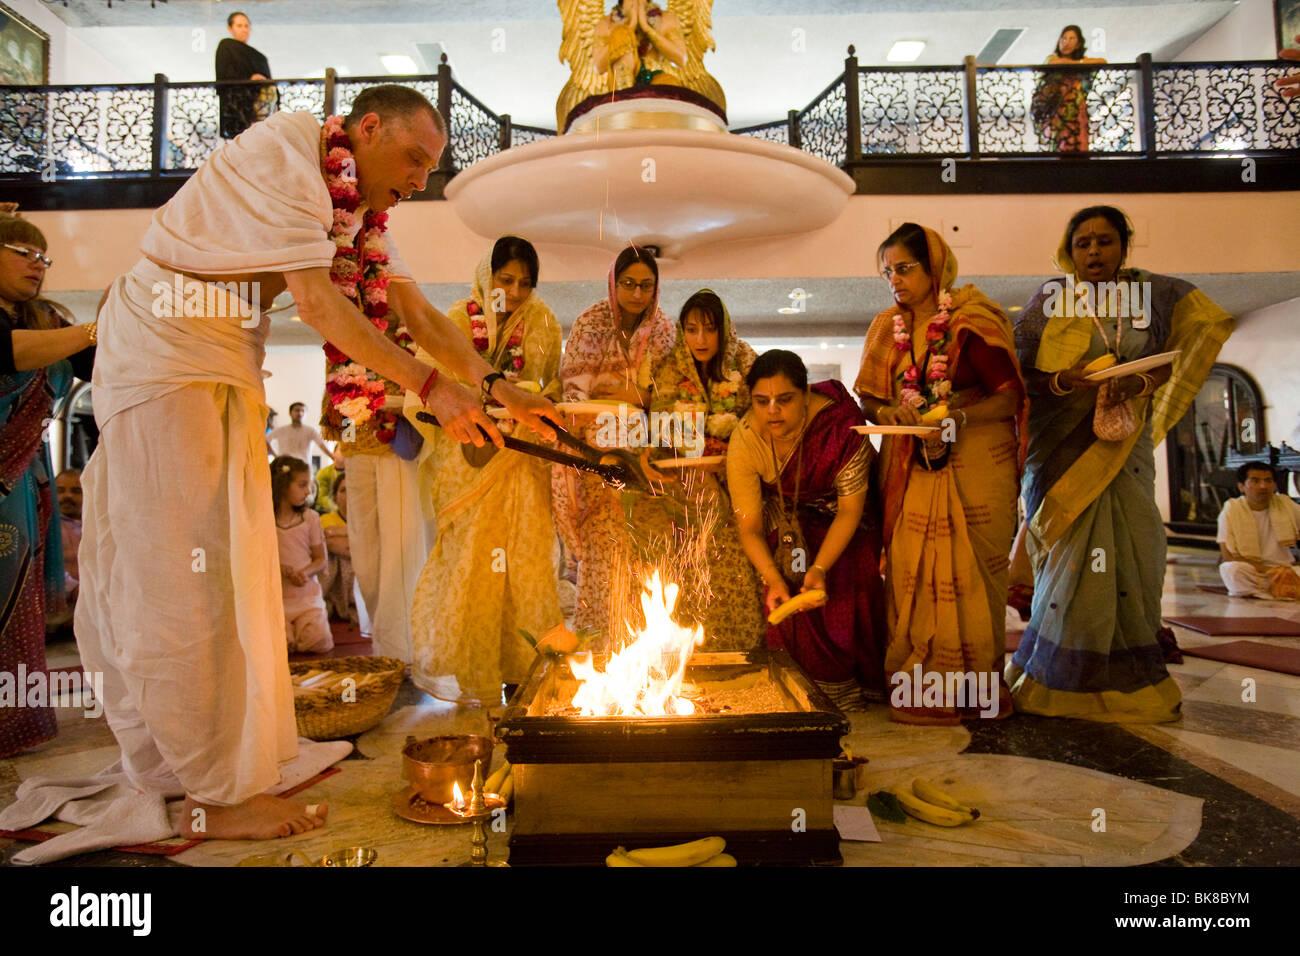 Cérémonie au temple Hare Krishna à Culver City, Los Angeles County, Californie, États-Unis d'Amérique Banque D'Images